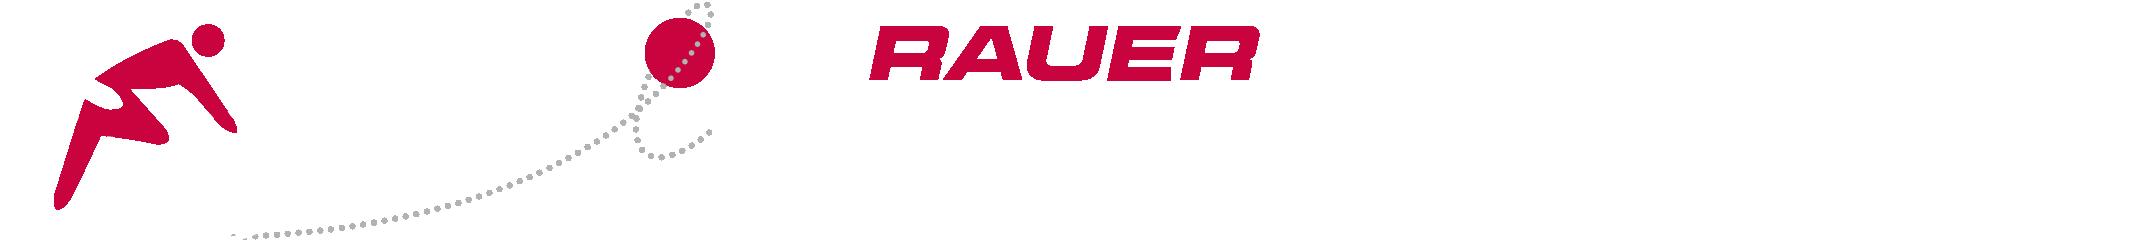 Radsport Rauer – Wir lieben Radsport! Logo